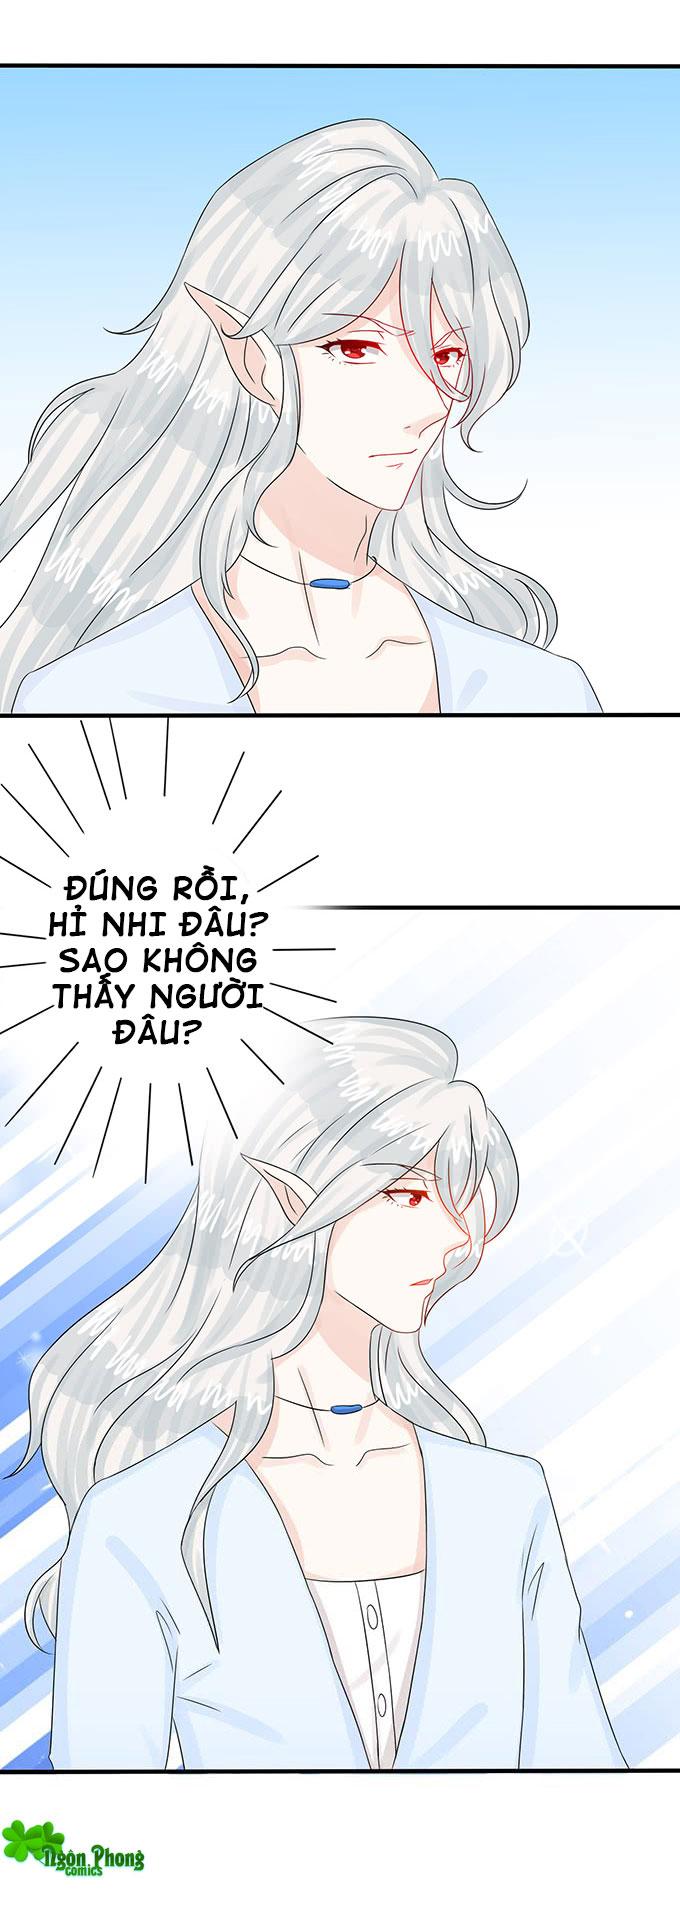 Ma Vương Luyến Ái Chỉ Nam Chap 73 - Next Chap 74